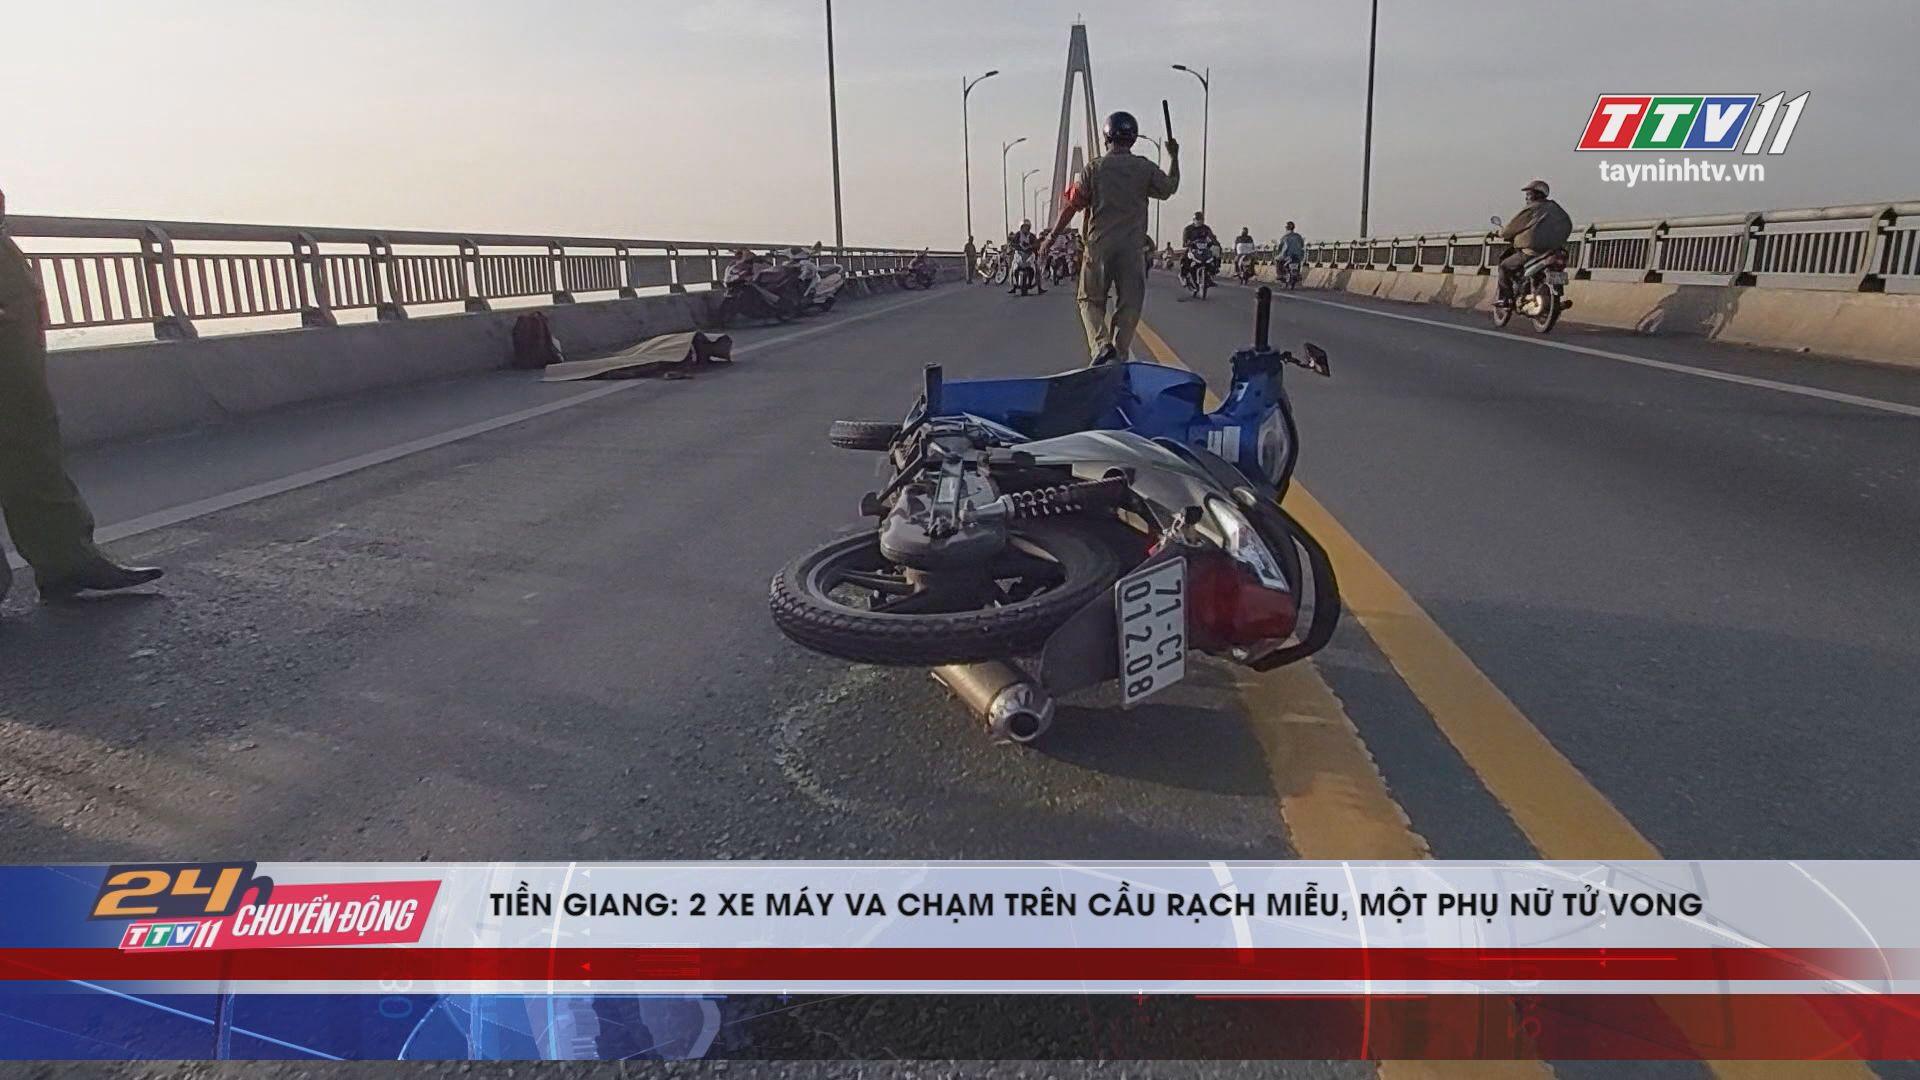 24h chuyển động 28-10-2019 | Tin tức hôm nay | Tây Ninh TV